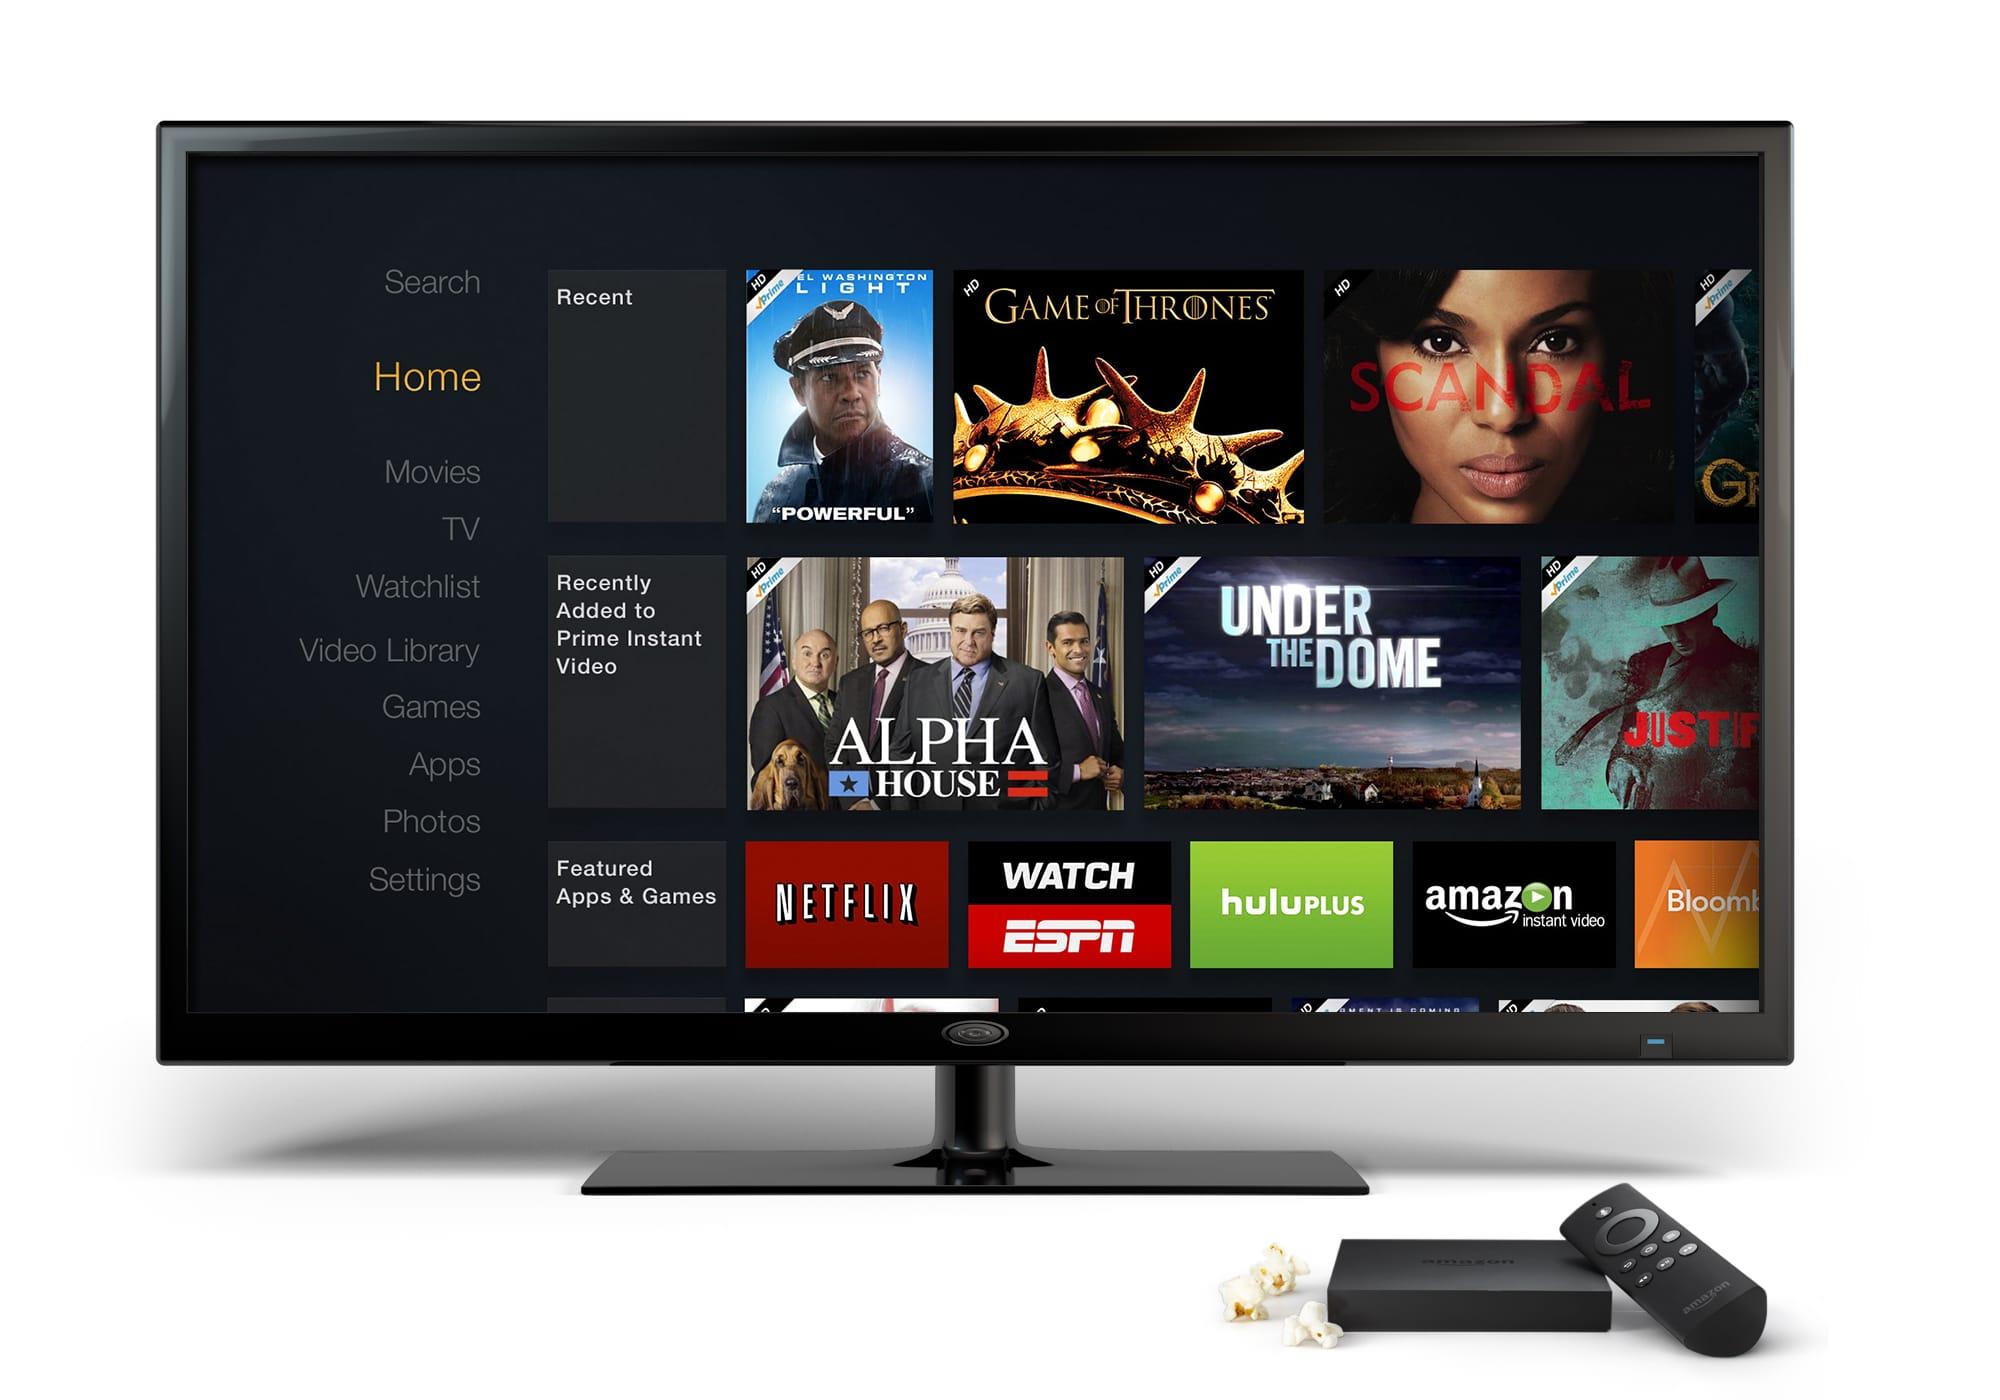 Samsung Tv Amazon Instant Video Startet Nicht